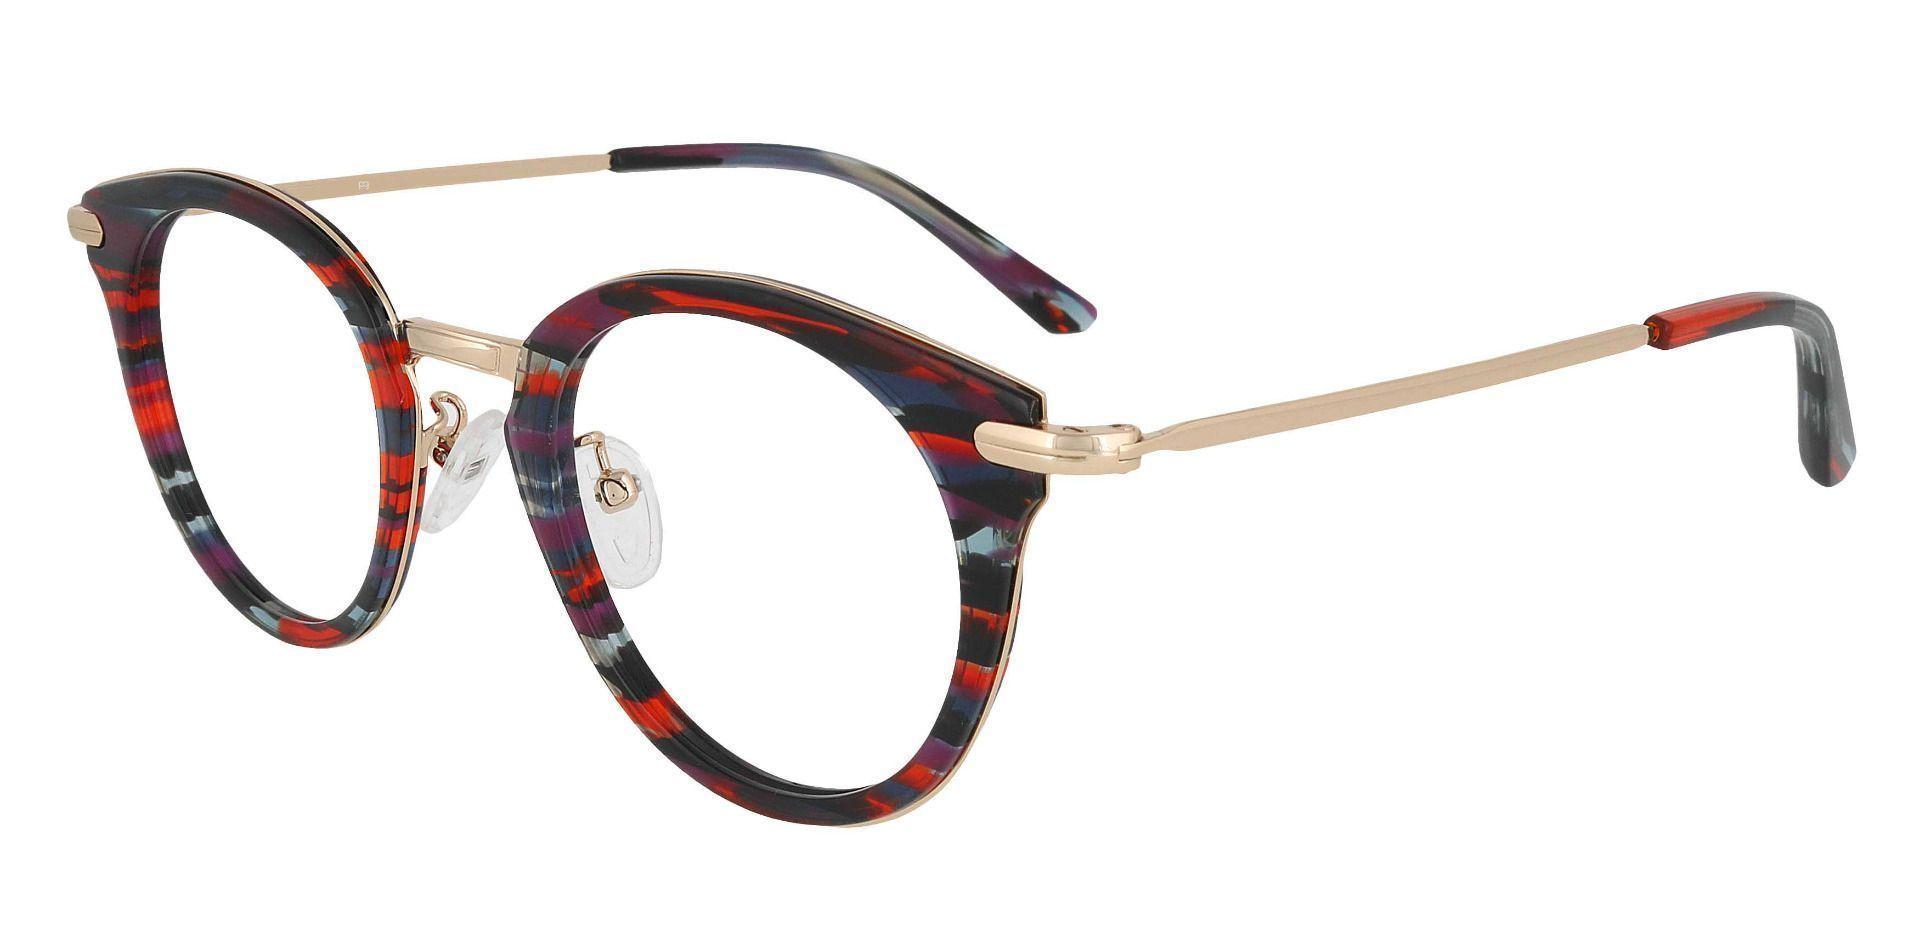 Seneca Round Prescription Glasses - Striped